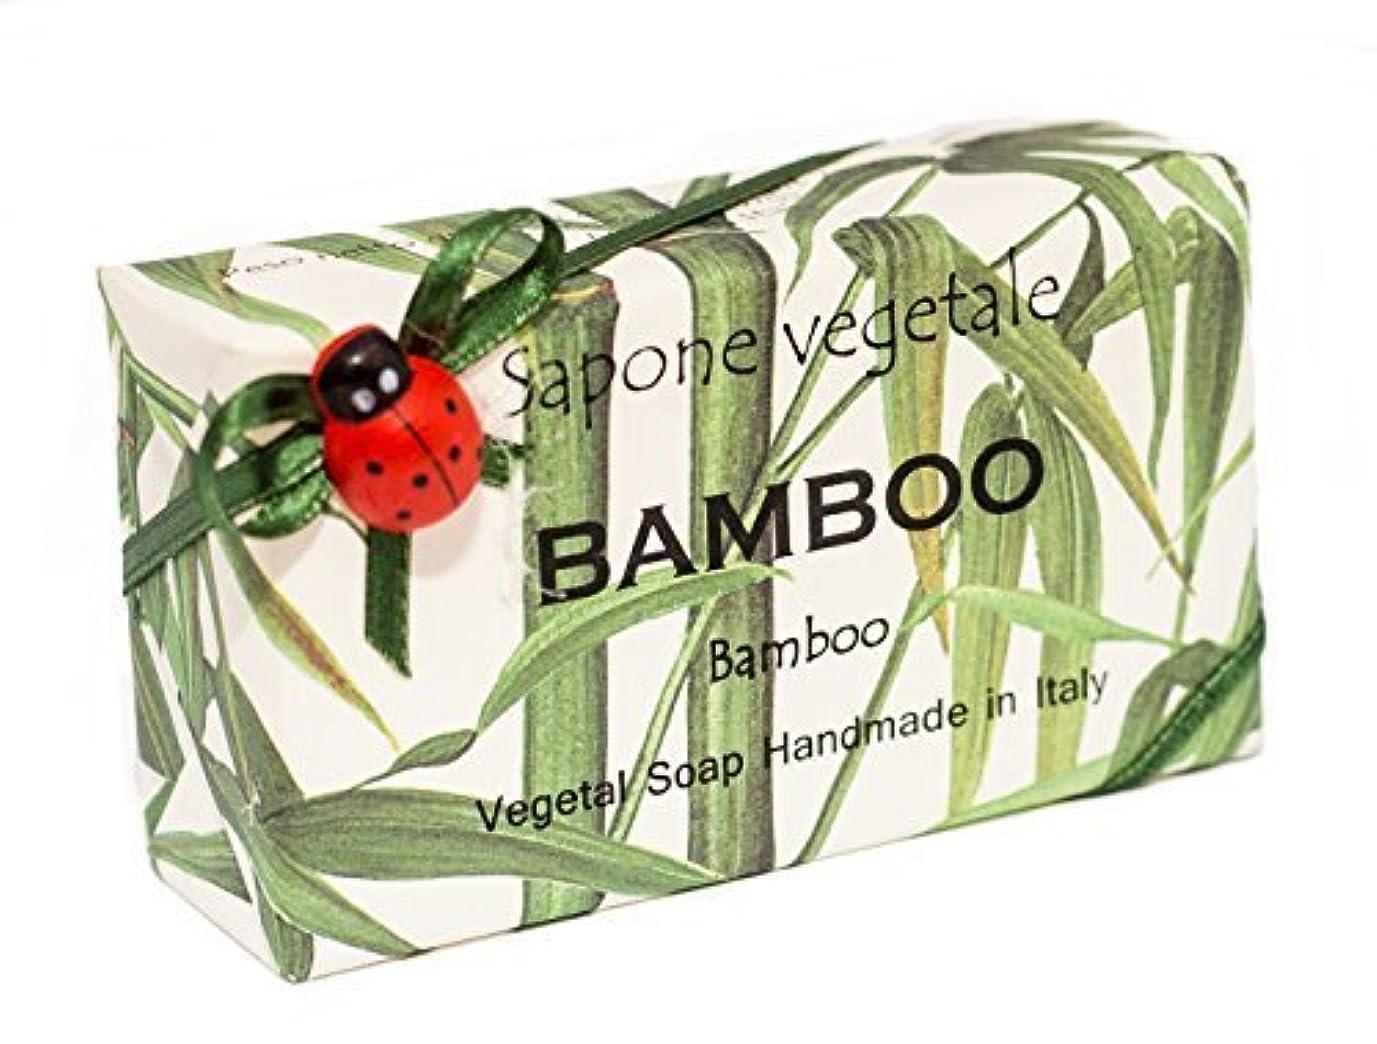 やりがいのある耳サーバントAlchimia 高級ギフトボックス付きイタリアから竹、野菜手作り石鹸バー、 [並行輸入品]